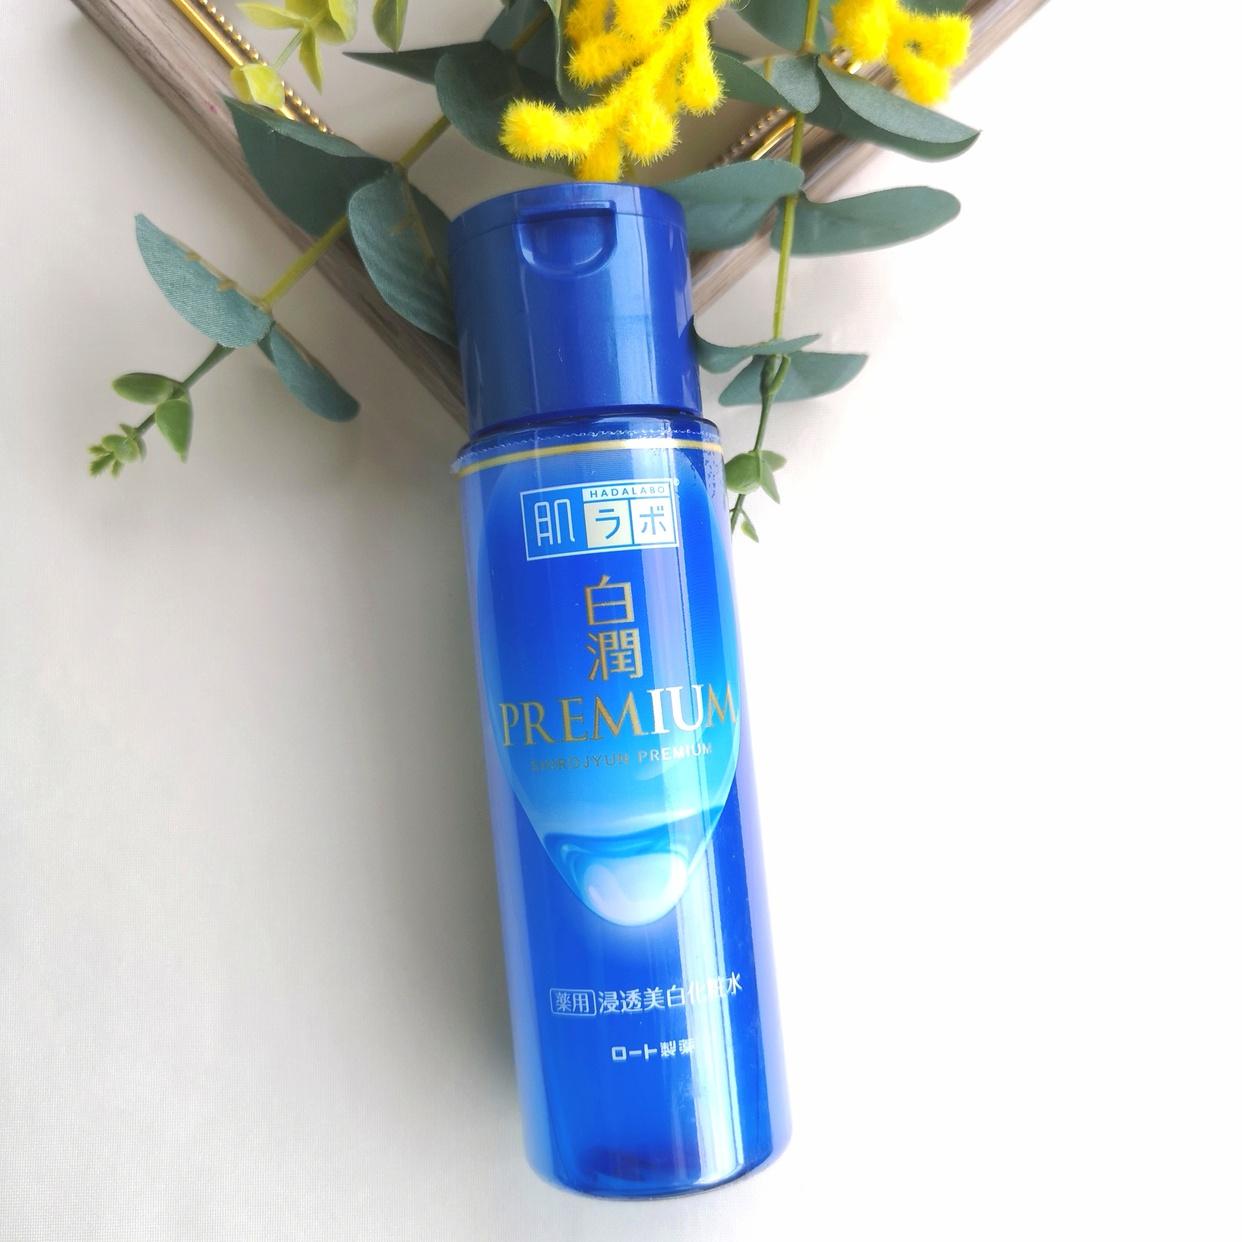 肌ラボ(HADALABO) 白潤プレミアム 薬用浸透美白化粧水を使ったTea*さんのクチコミ画像1